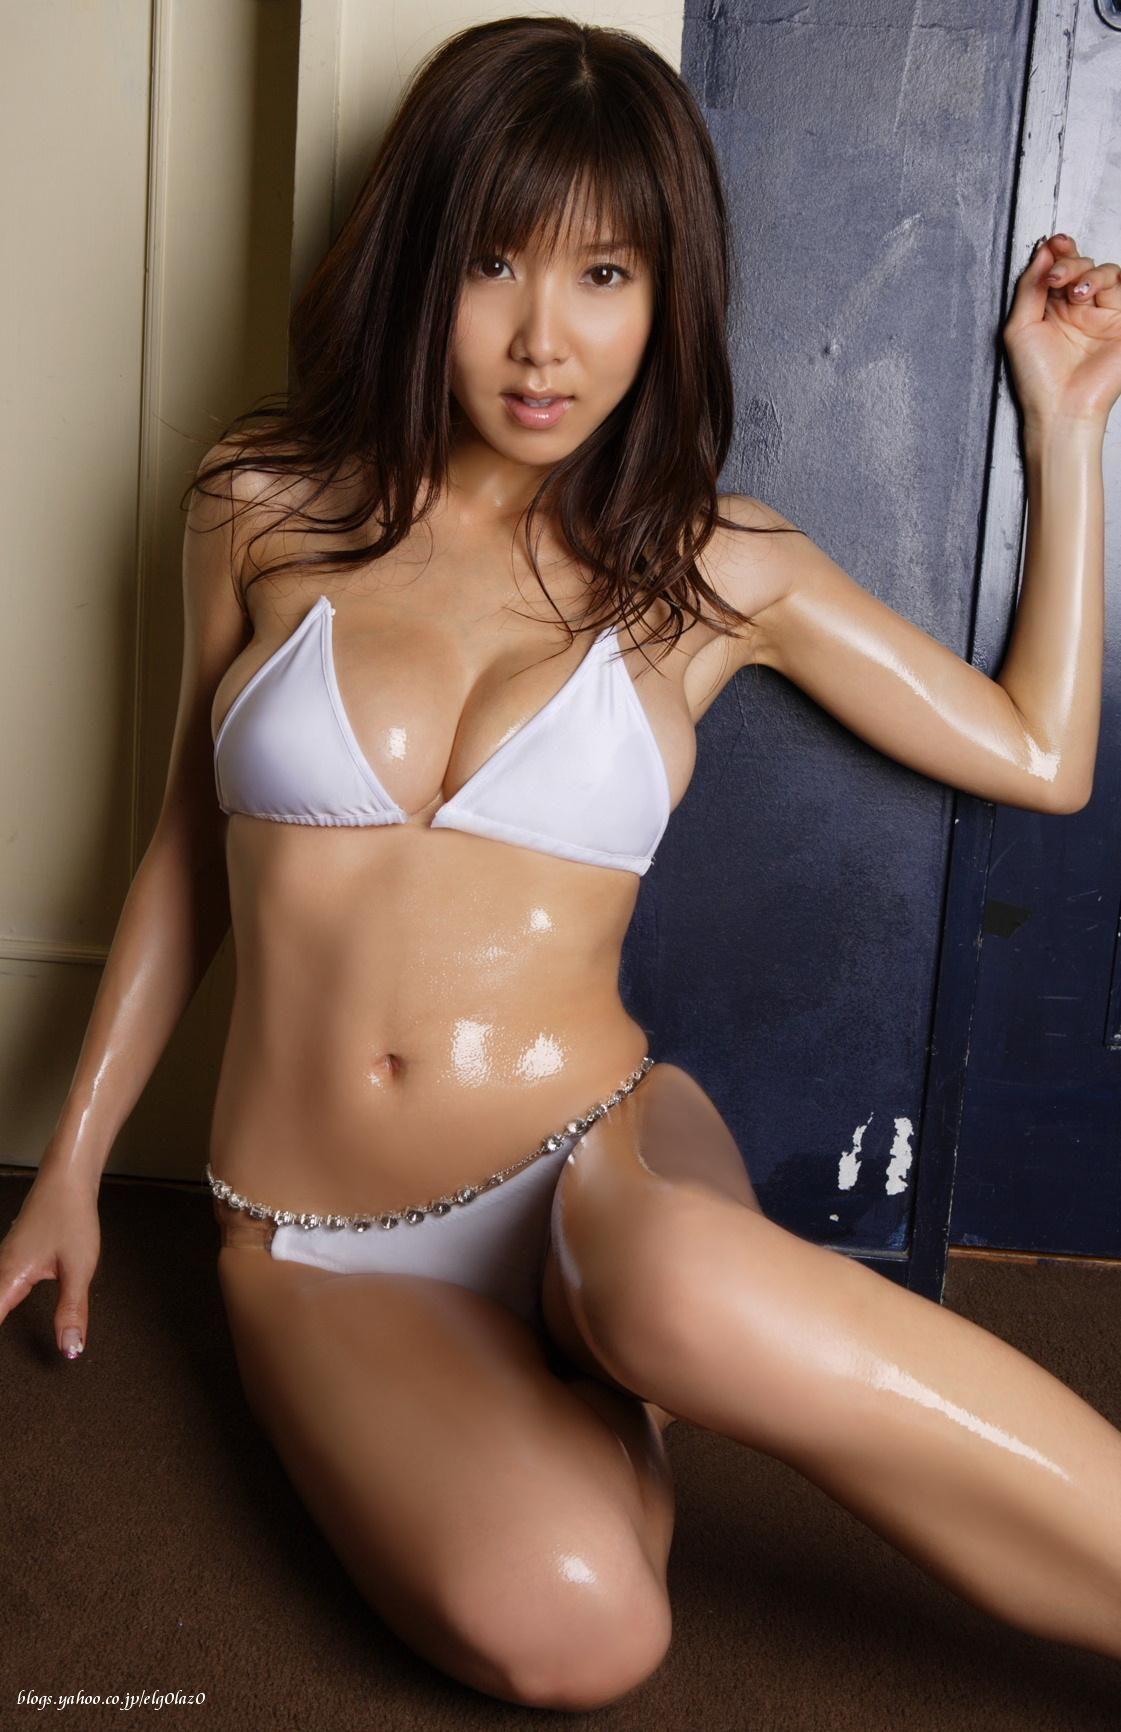 Asian naked girl body